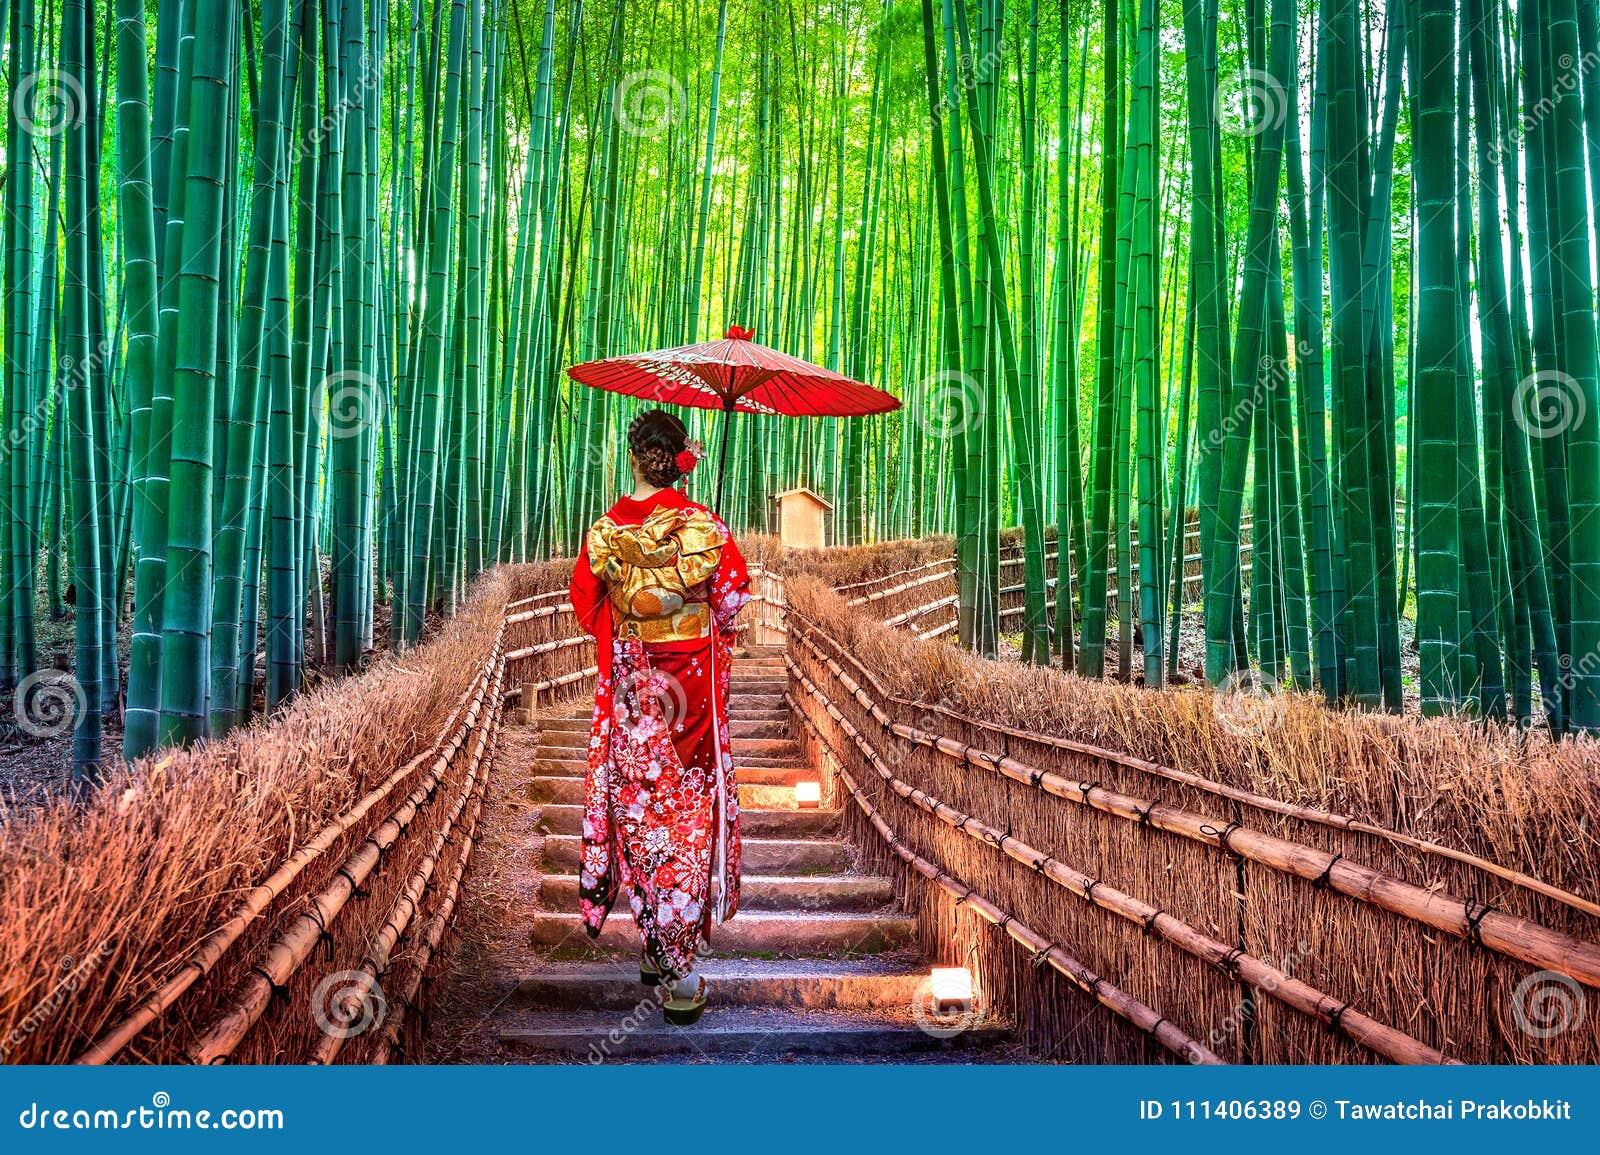 Mujer de bambú de Forest Asian que lleva el kimono tradicional japonés en el bosque de bambú en Kyoto, Japón